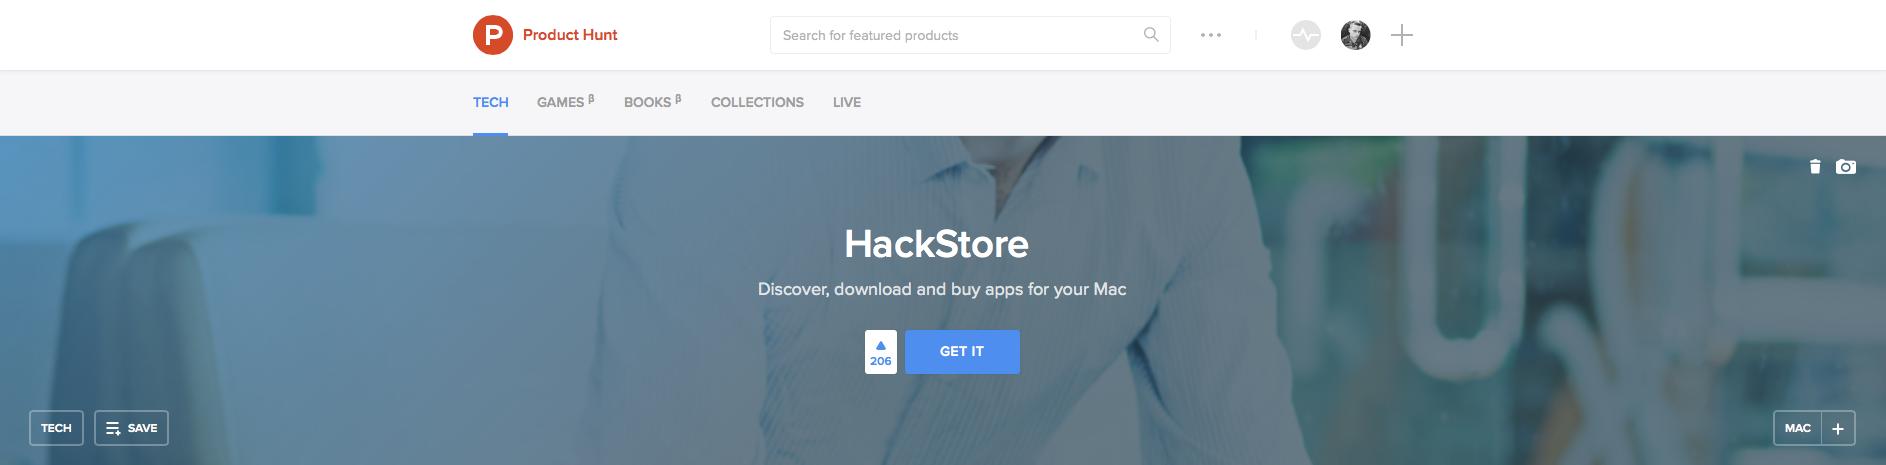 Используя советы с Мегамозга, или наш опыт на ProductHunt - 1